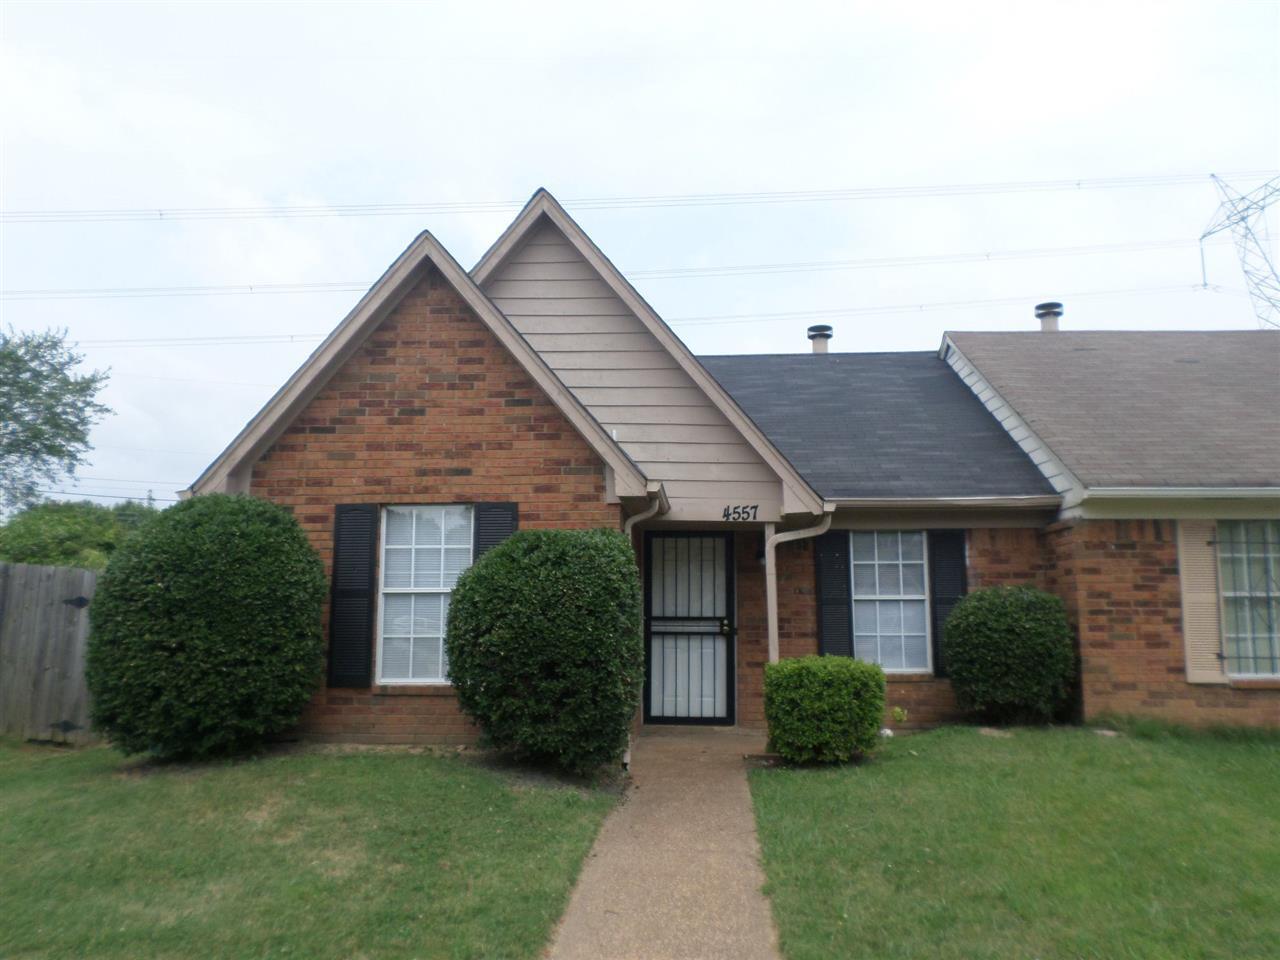 4557 N Summer Creek Dr, Memphis, TN